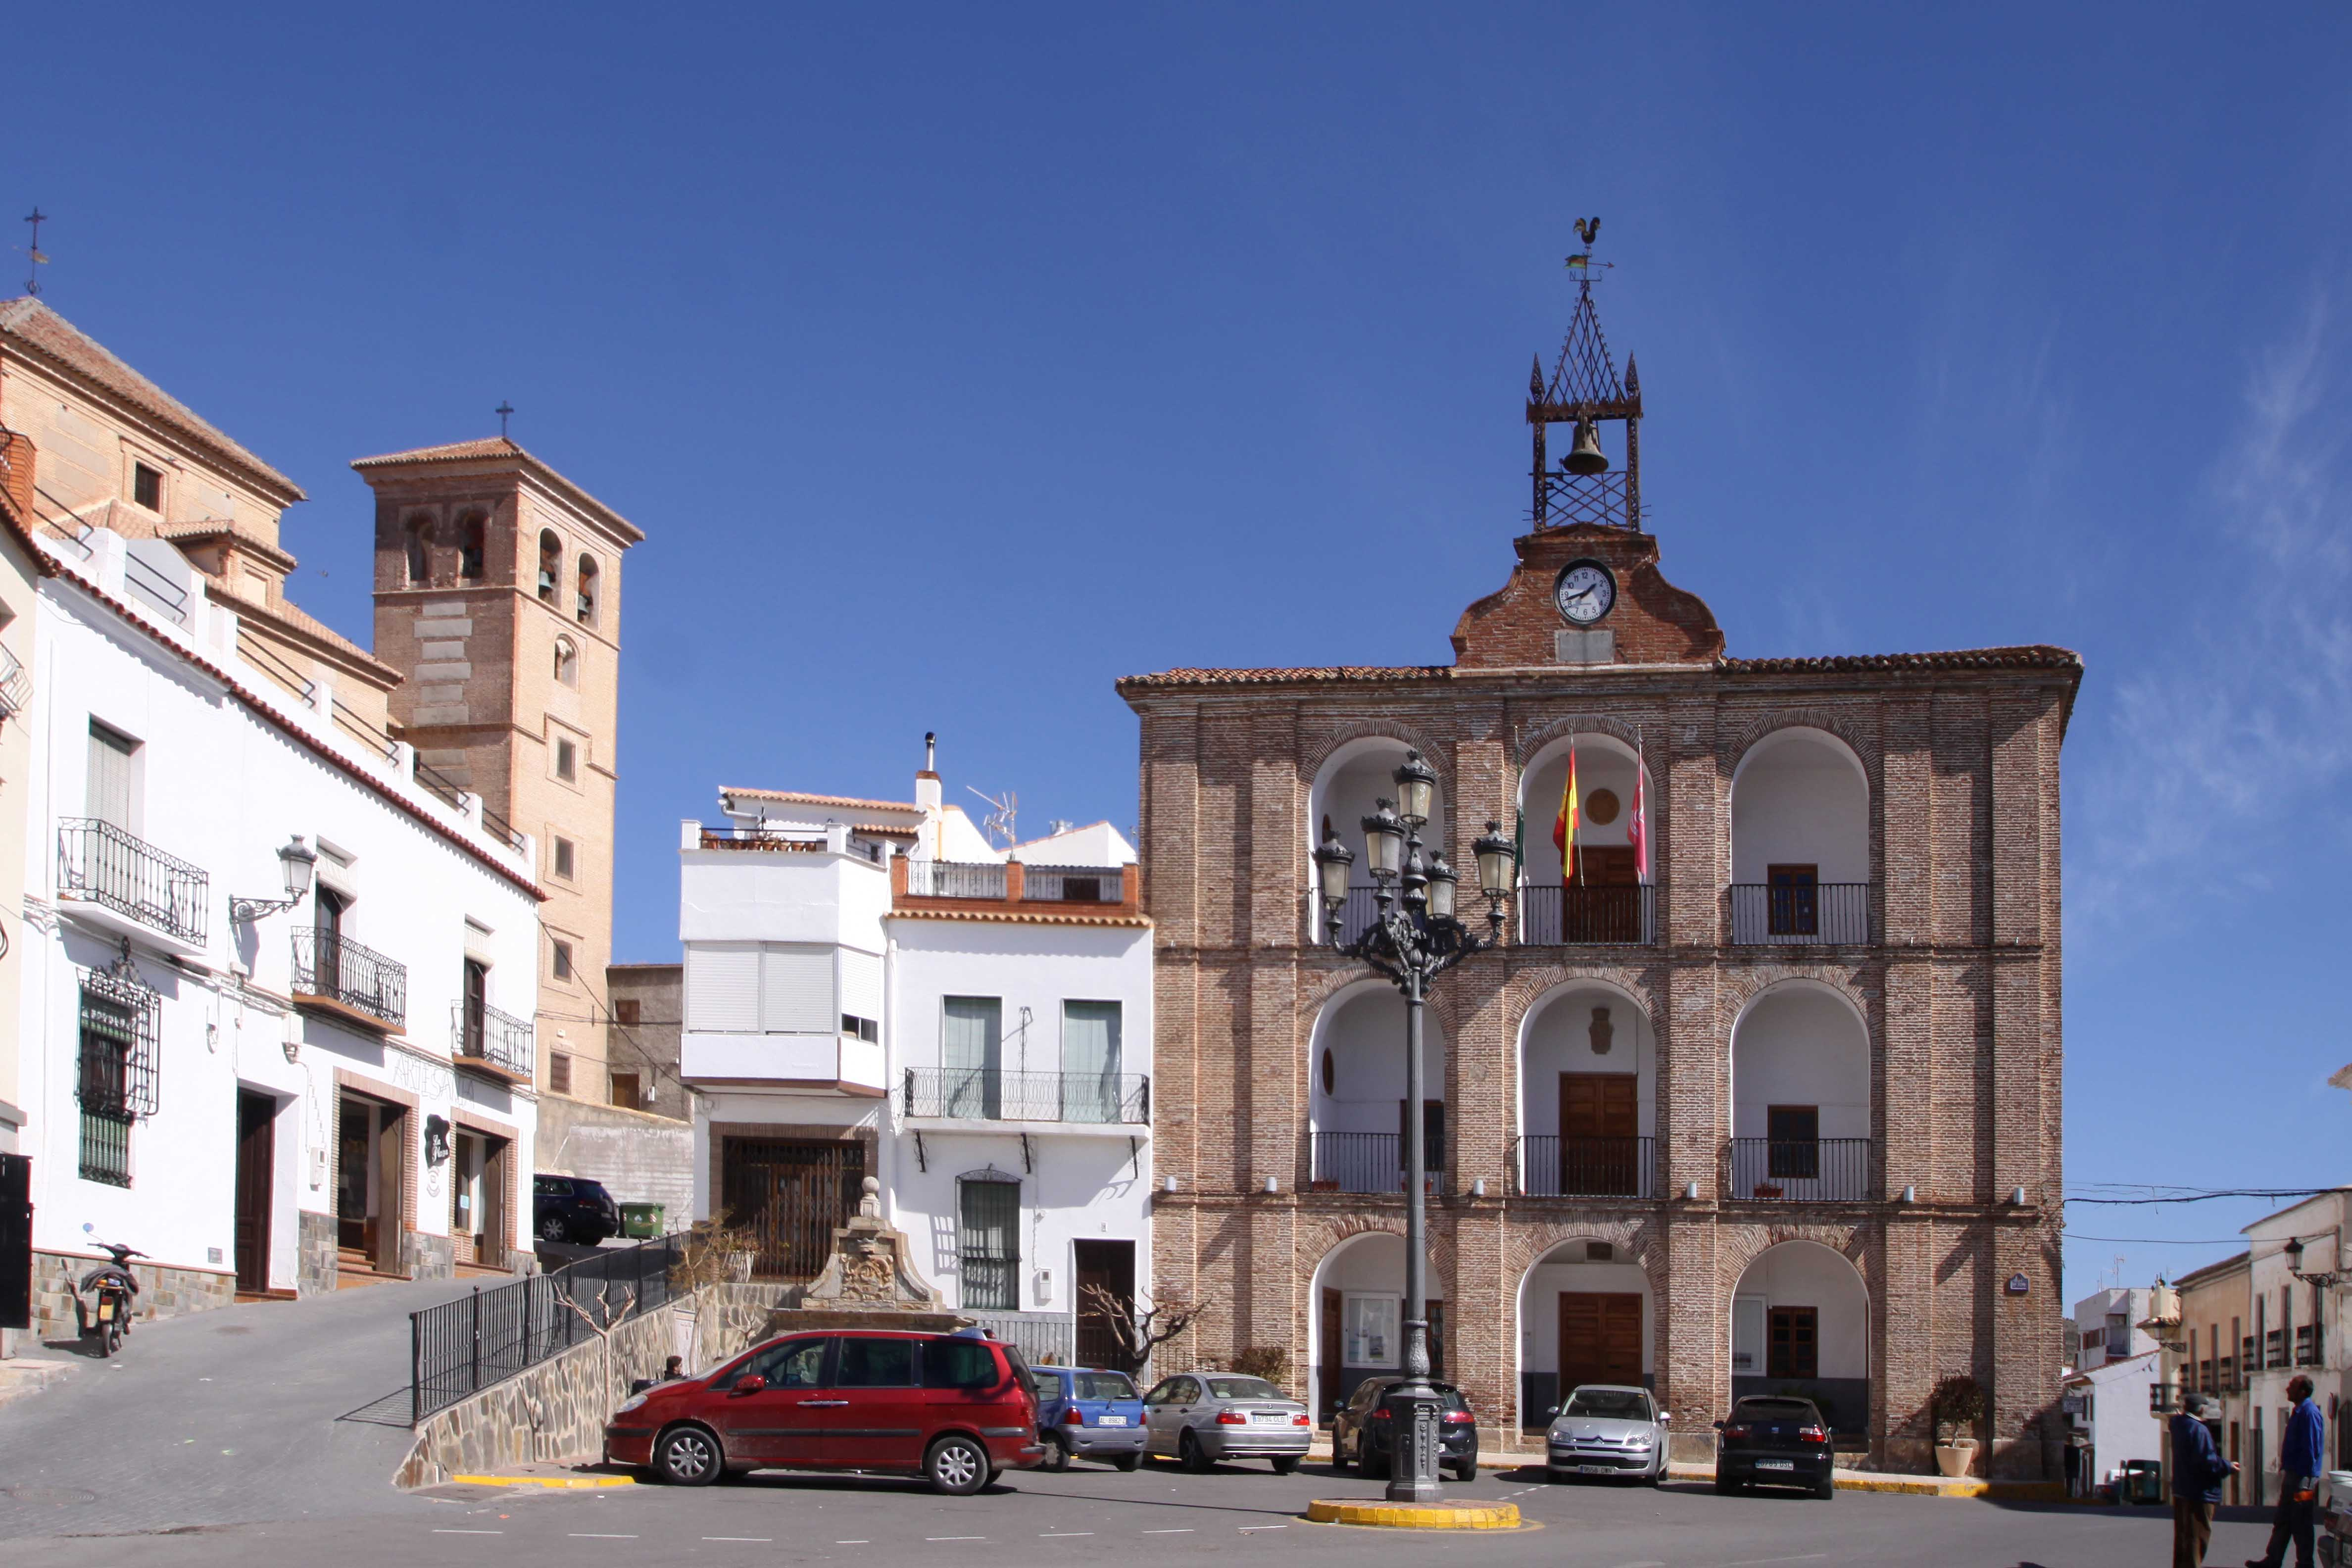 Plaza Mayor de las Alpujarras con el Ayuntamiento y la iglesia al fondo. © Fotografía: Pako Manzano